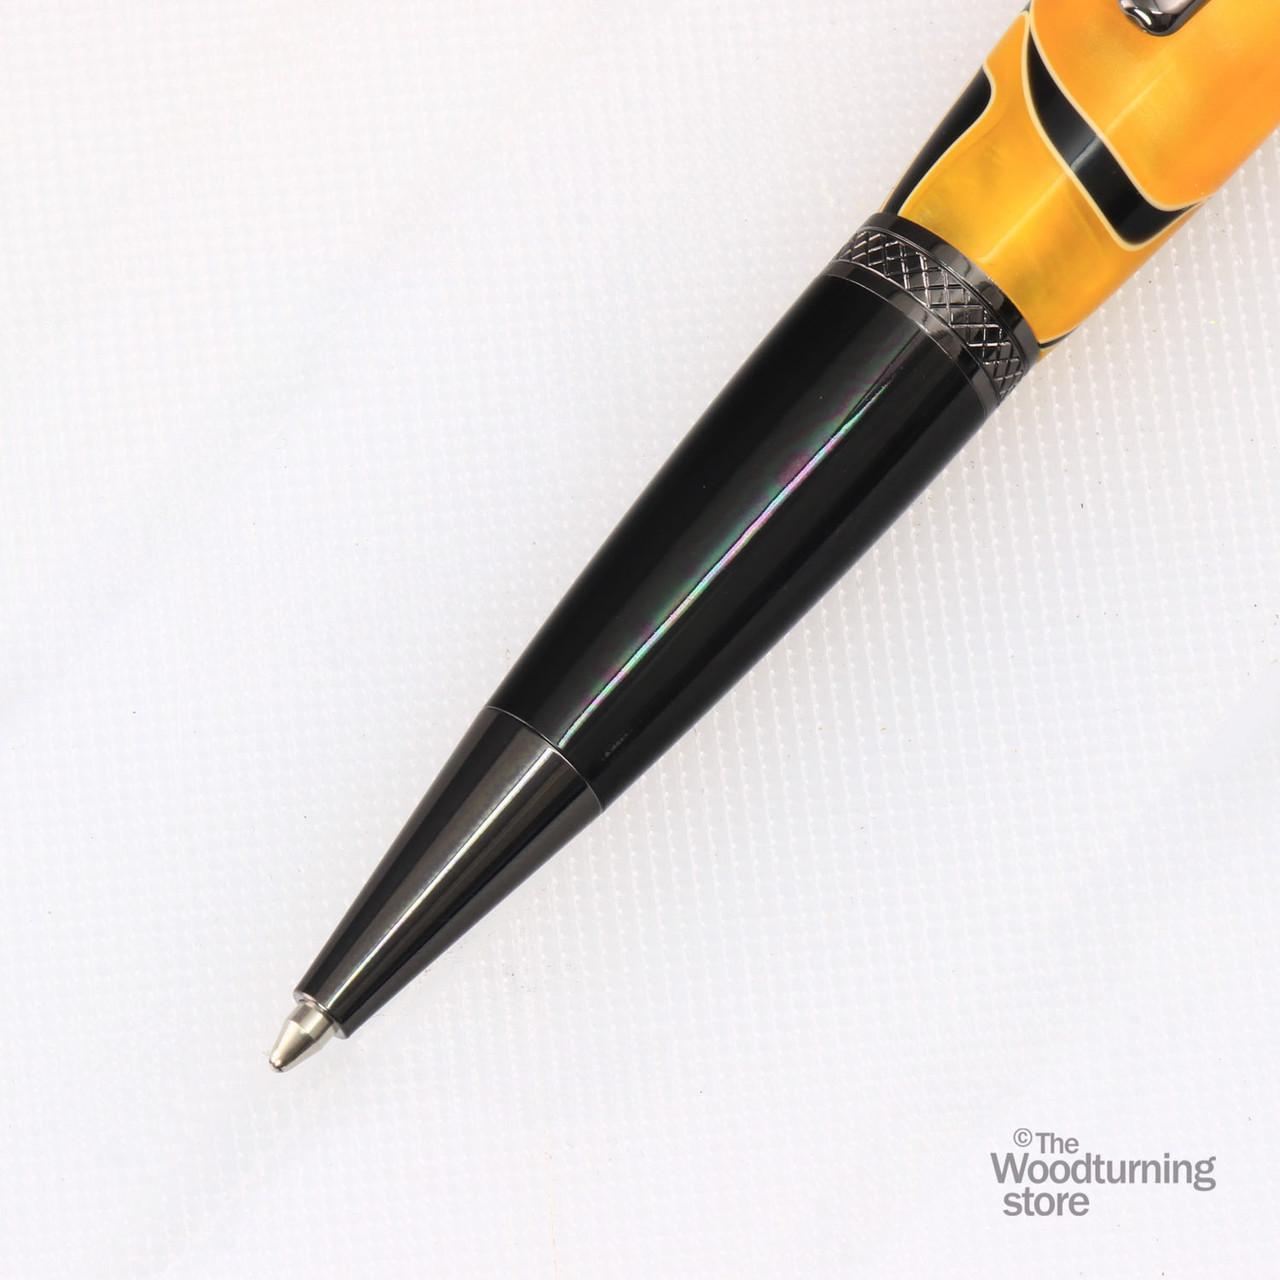 Legacy Viceroy Pen Kit - Gun Metal / Black Chrome